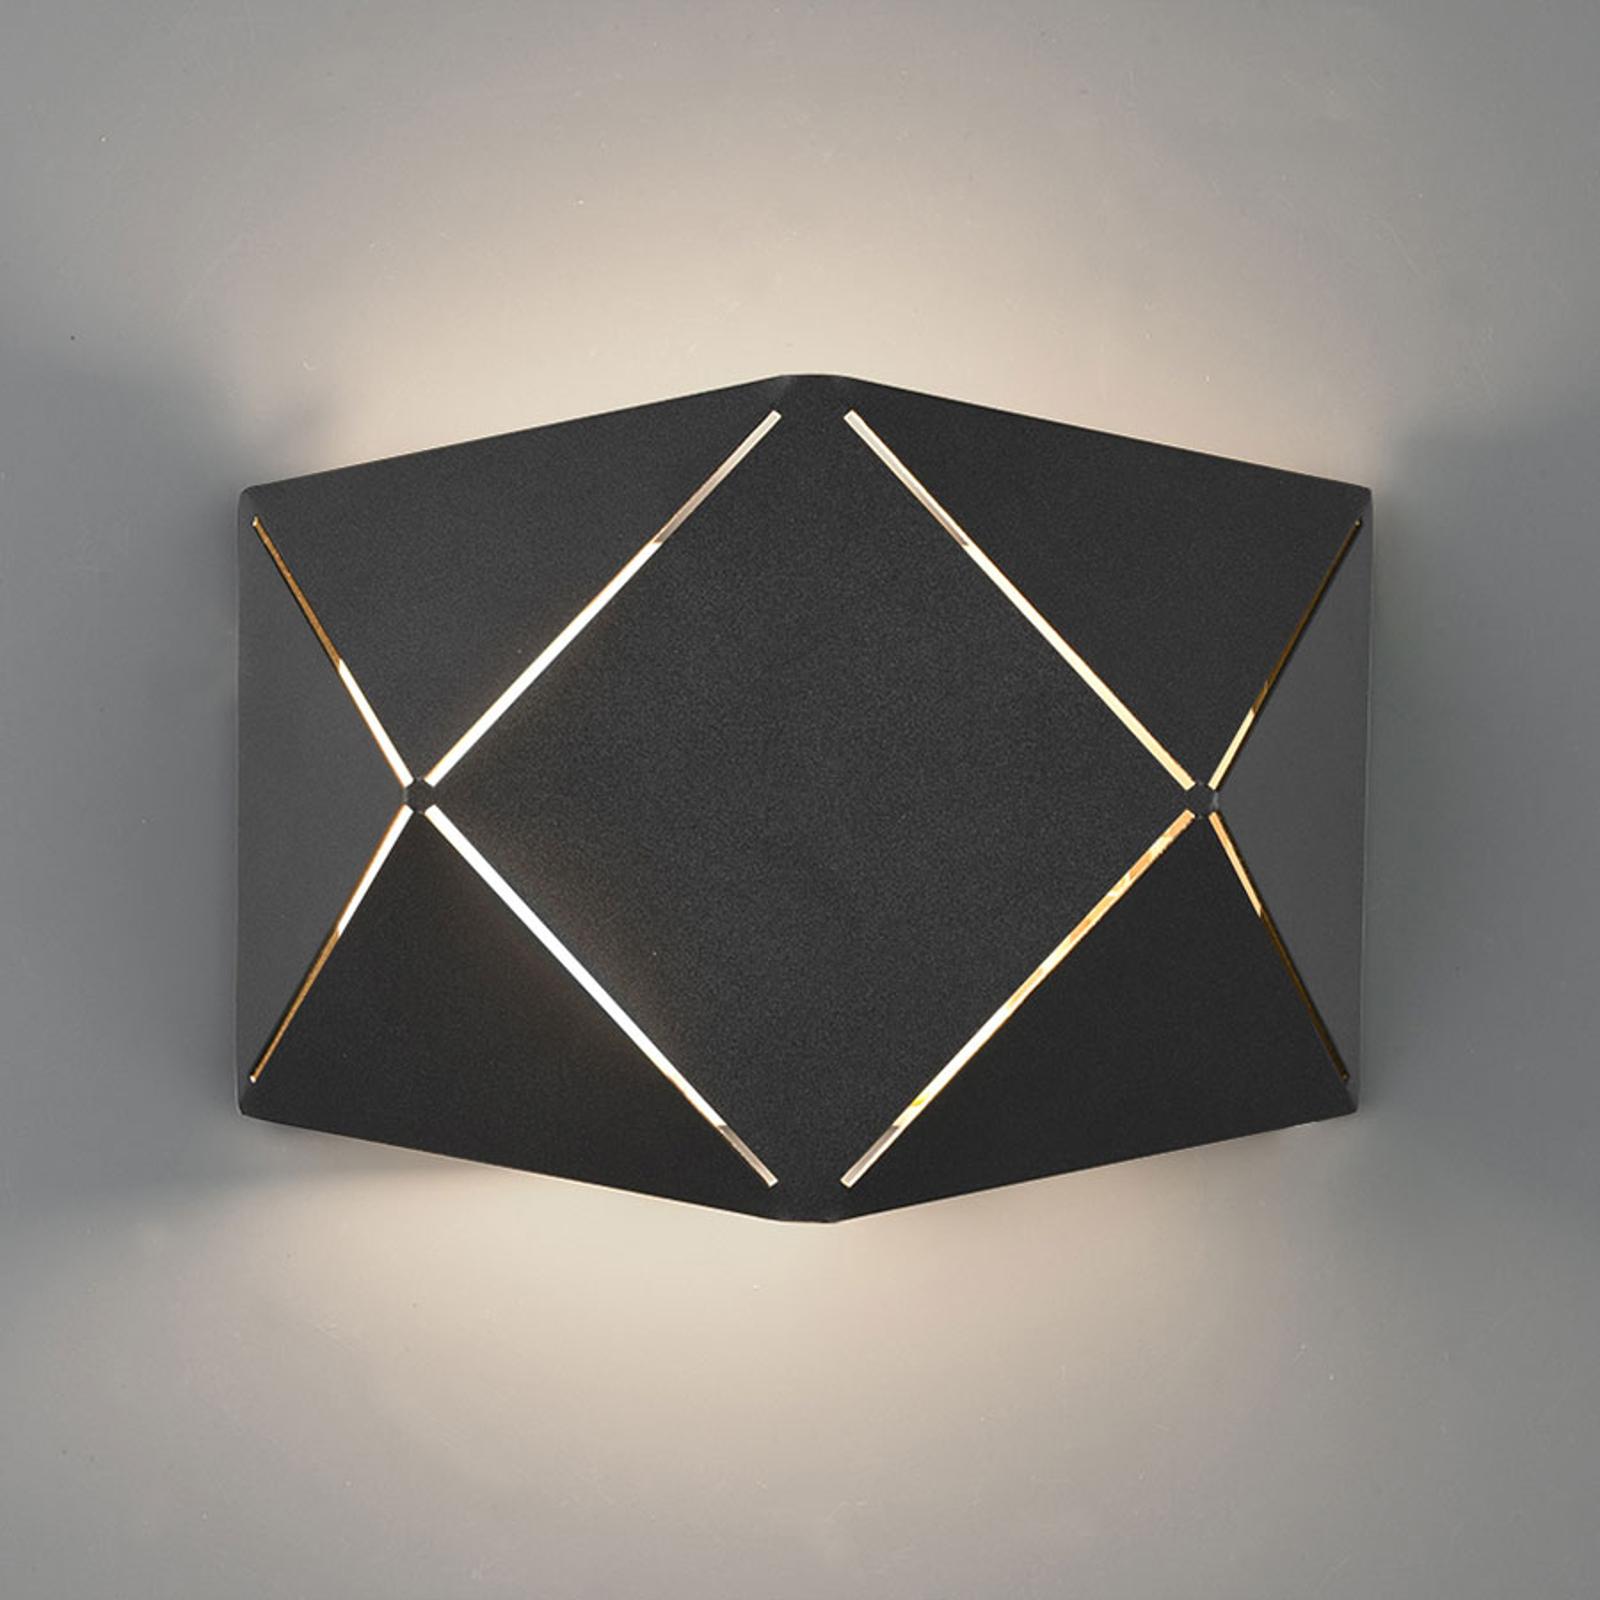 LED nástěnné světlo Zandor v černé, šířka 18 cm